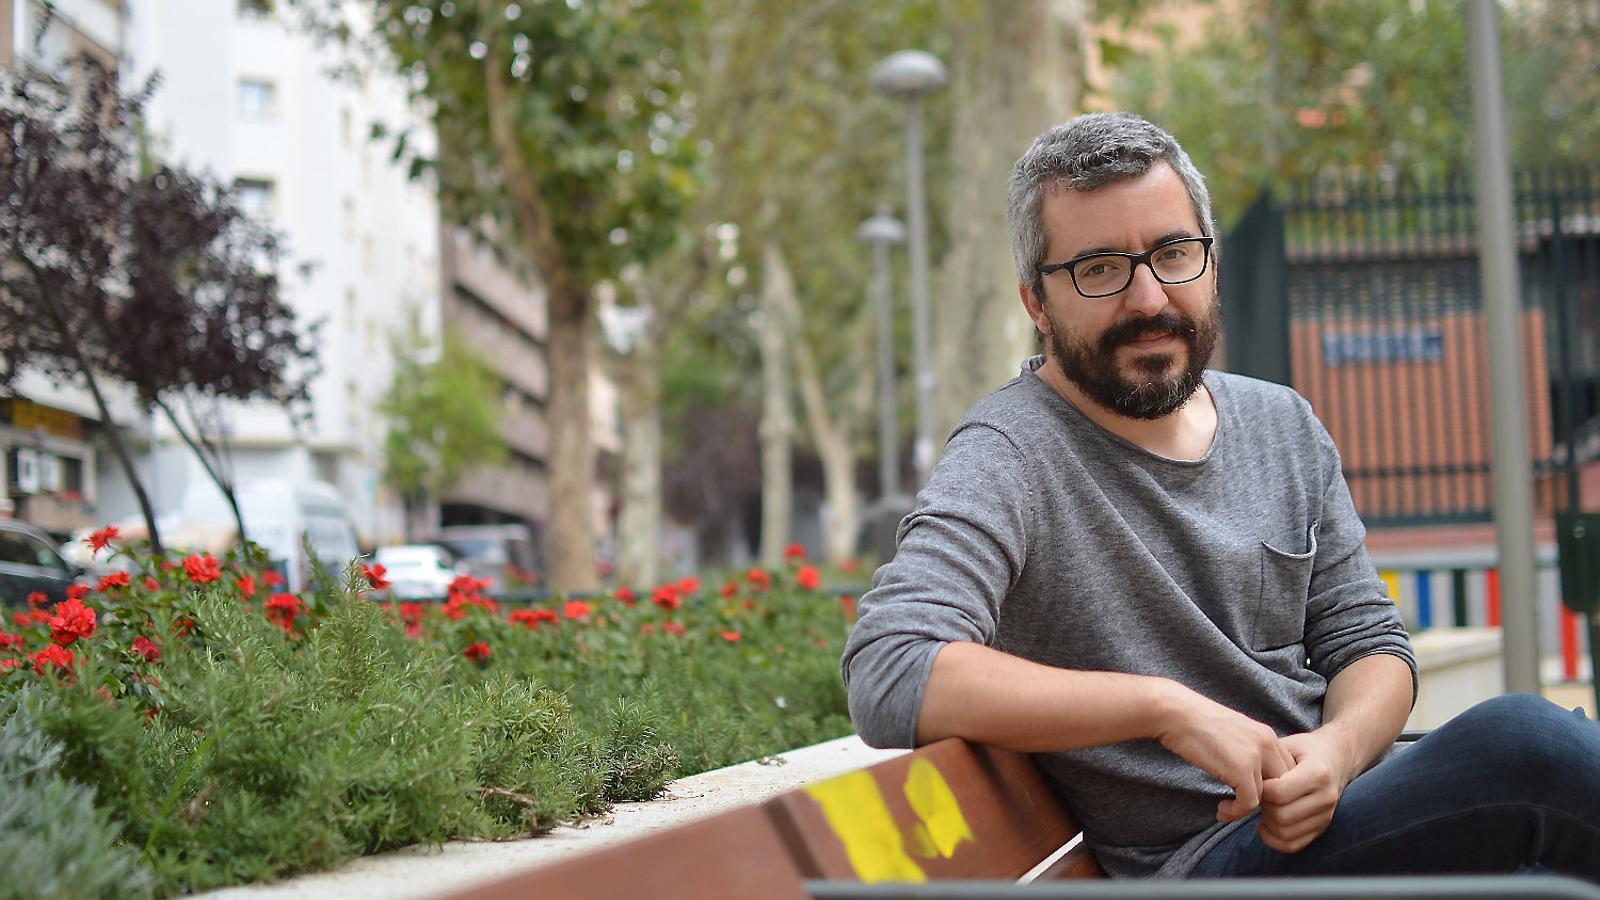 """Javier Padilla: """"La malaltia està molt estratificada per classes socials"""""""